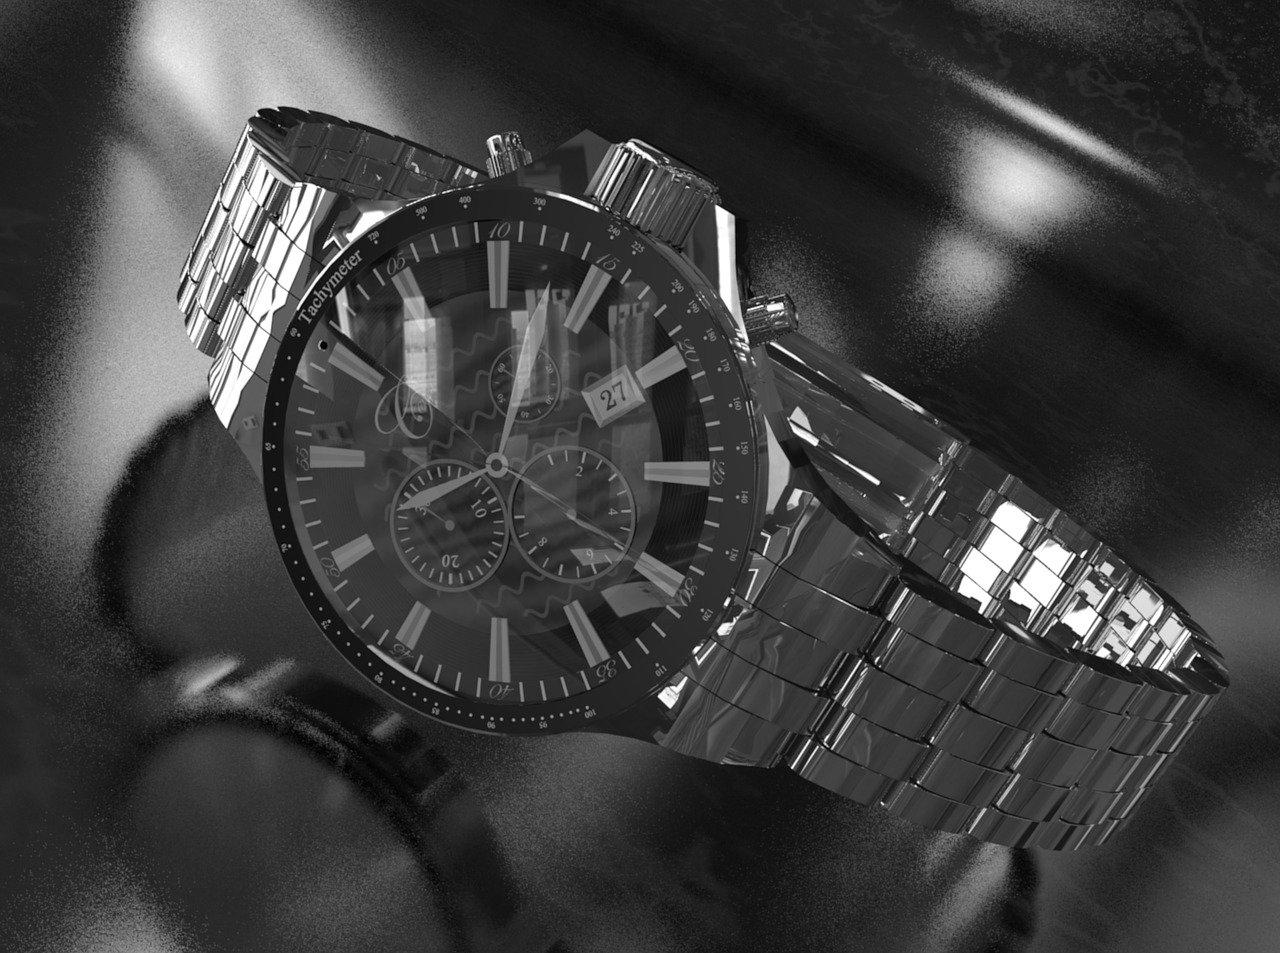 Zegarki dla mężczyzn – modele, które wyróżnia nowoczesność i elegancja